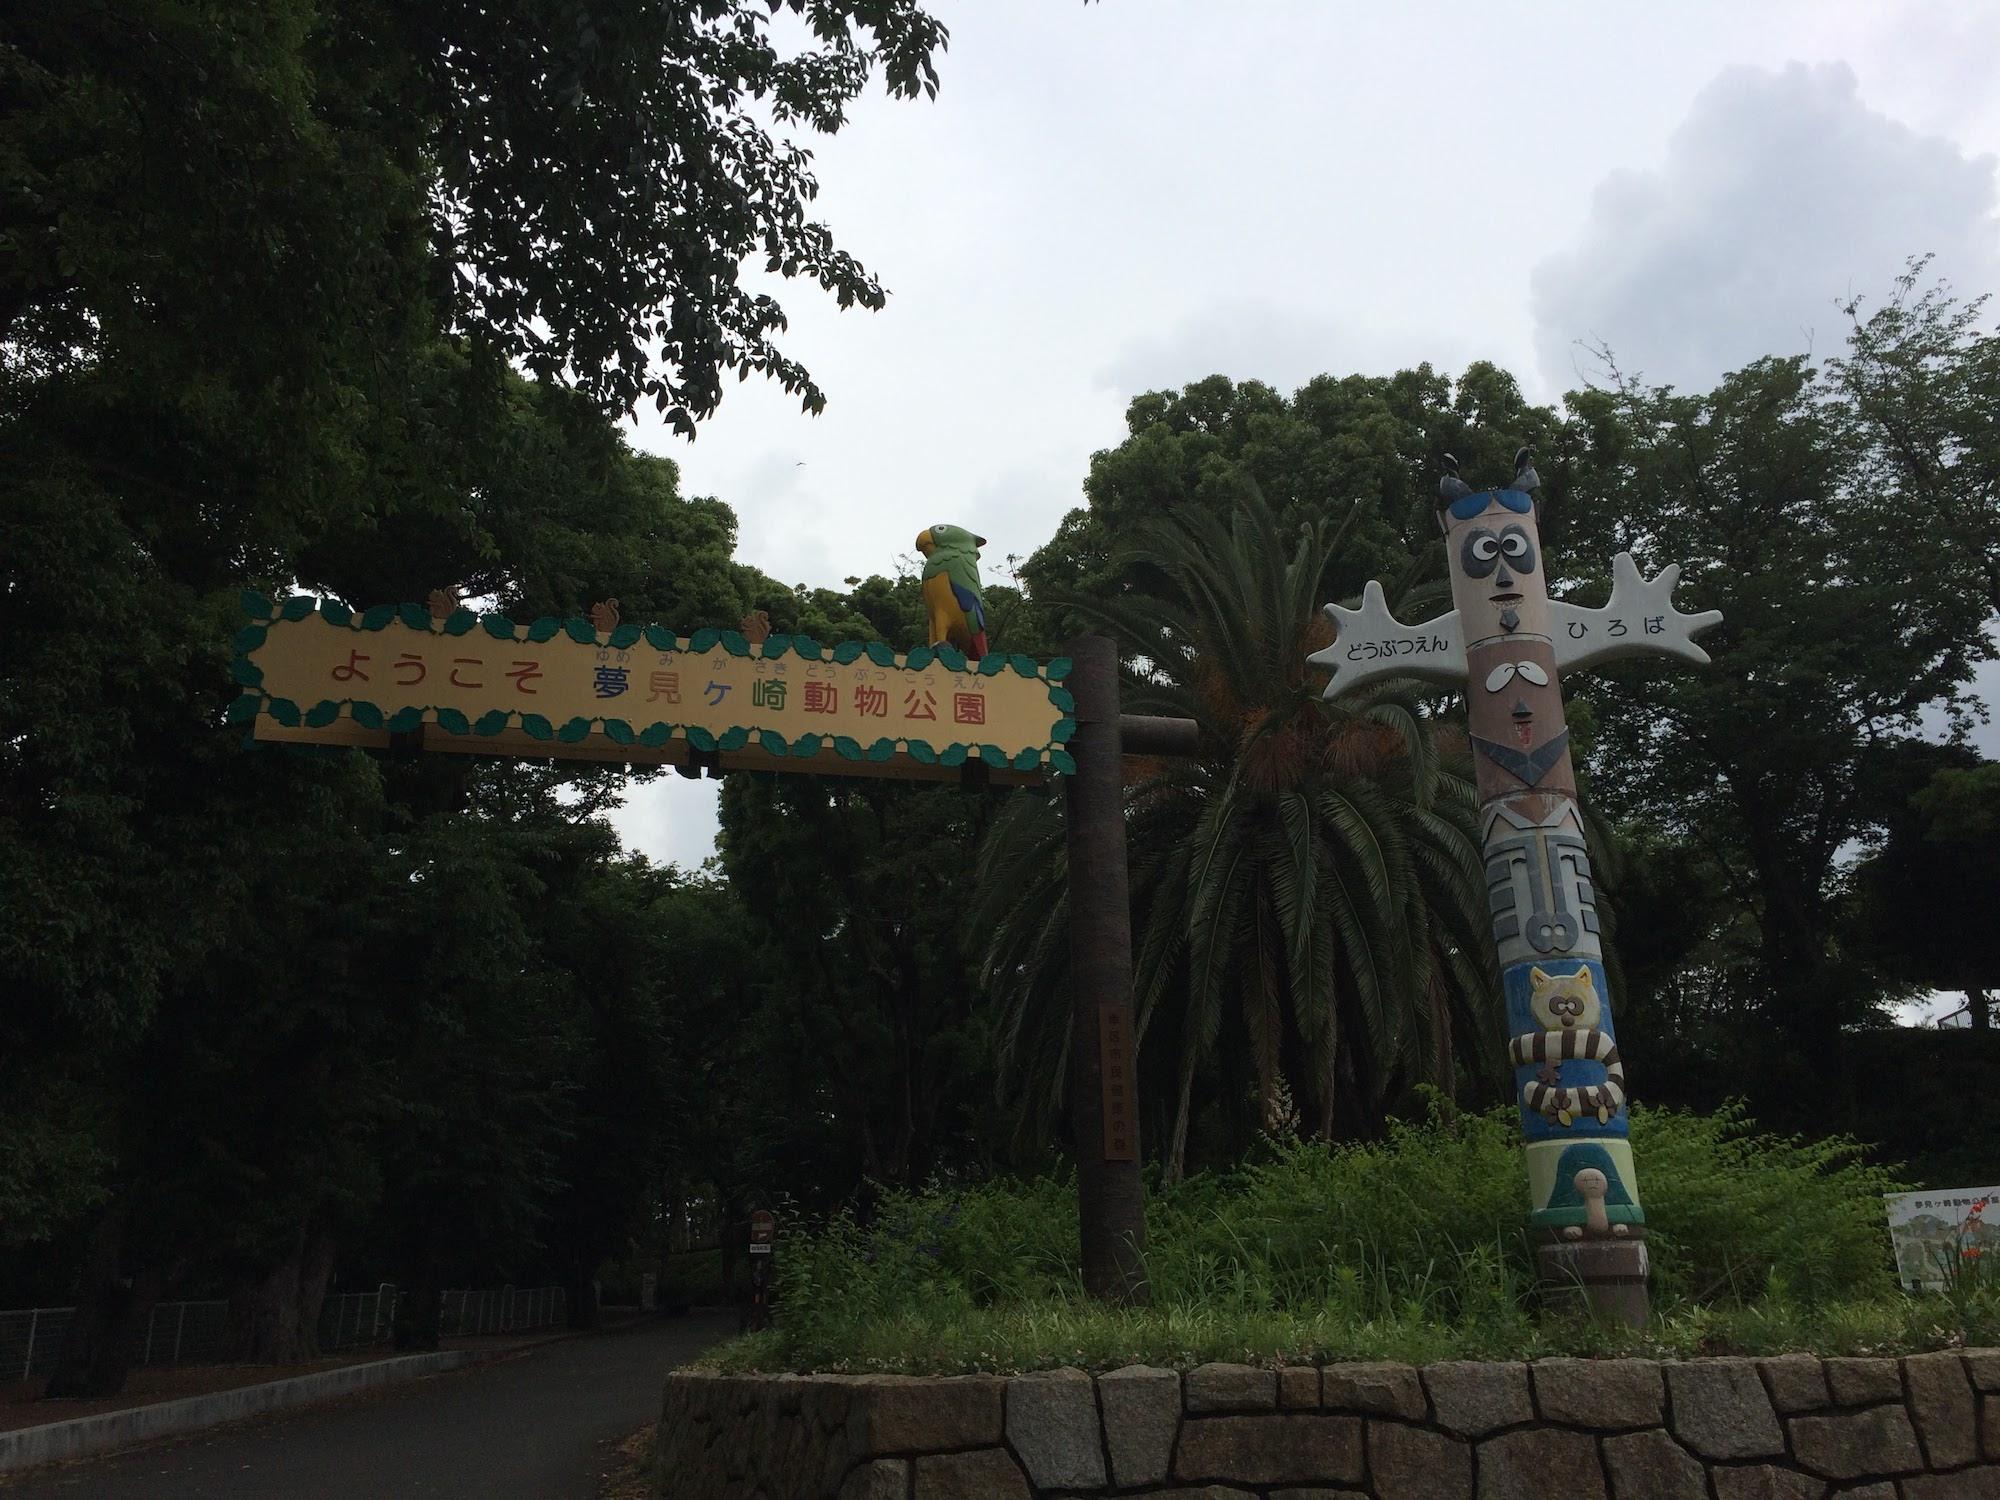 川崎市夢見が崎動物公園(幸区南加瀬)無料で楽しめる動物園